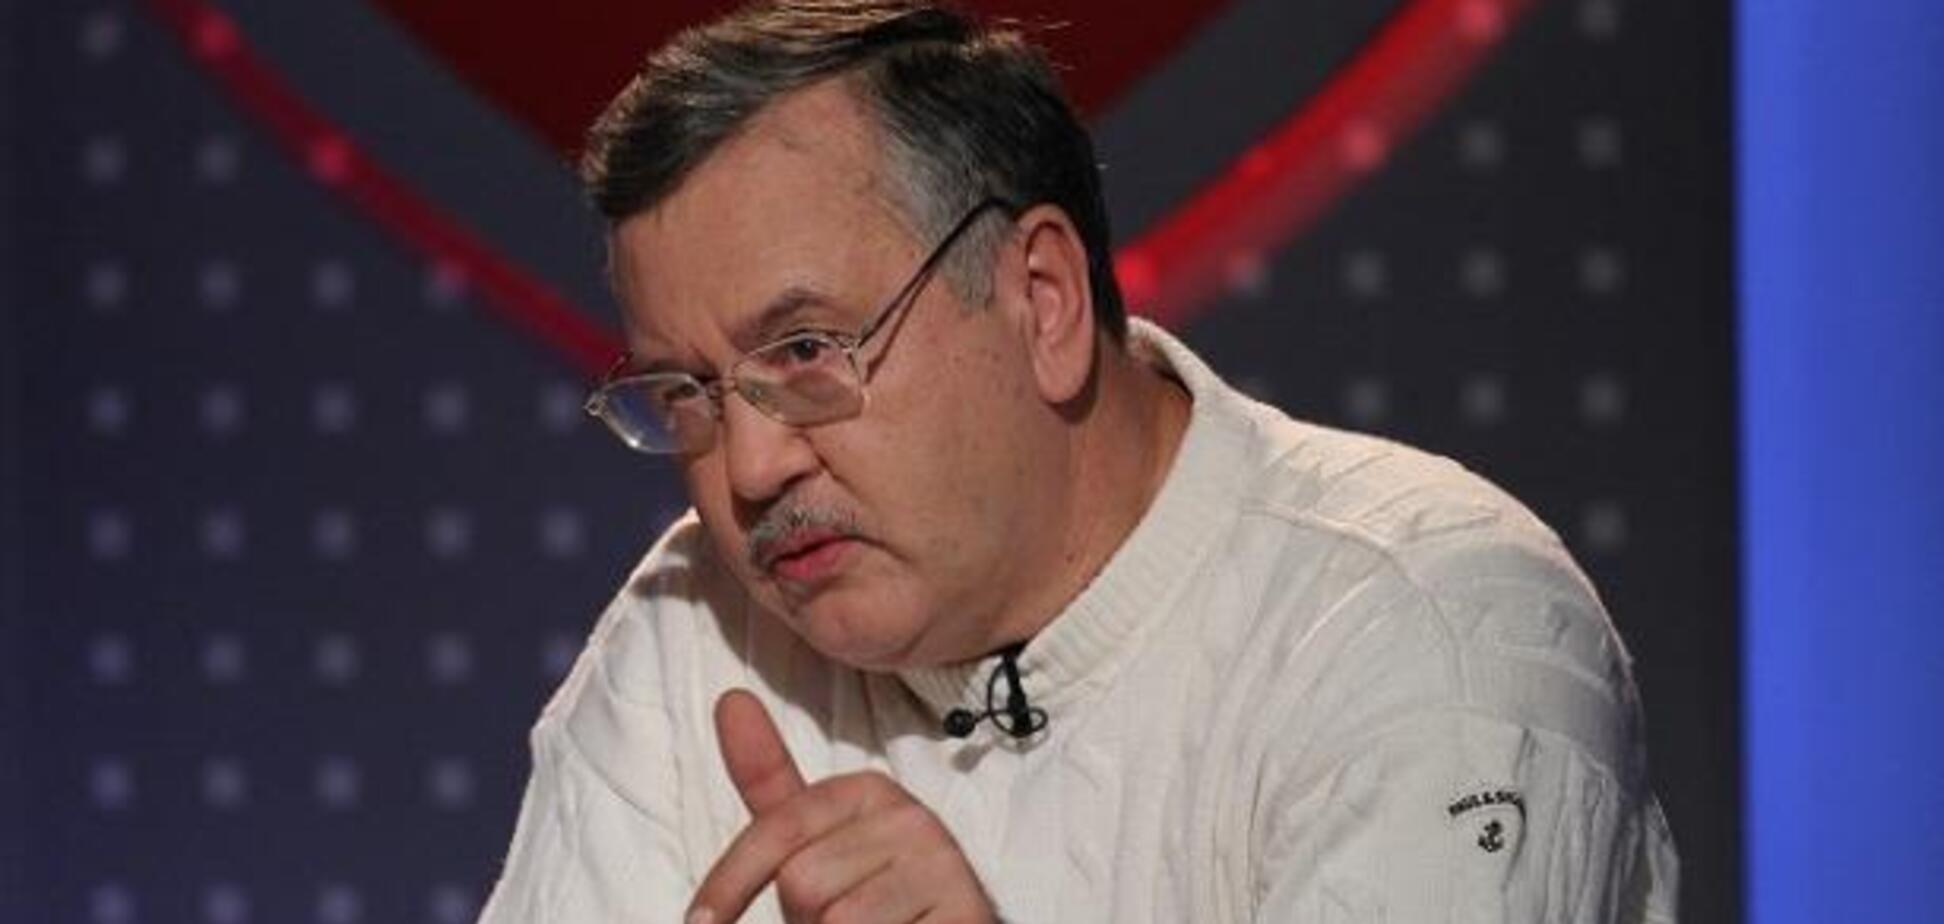 Договорились: Гриценко провел переговоры с лидерами оппозиции